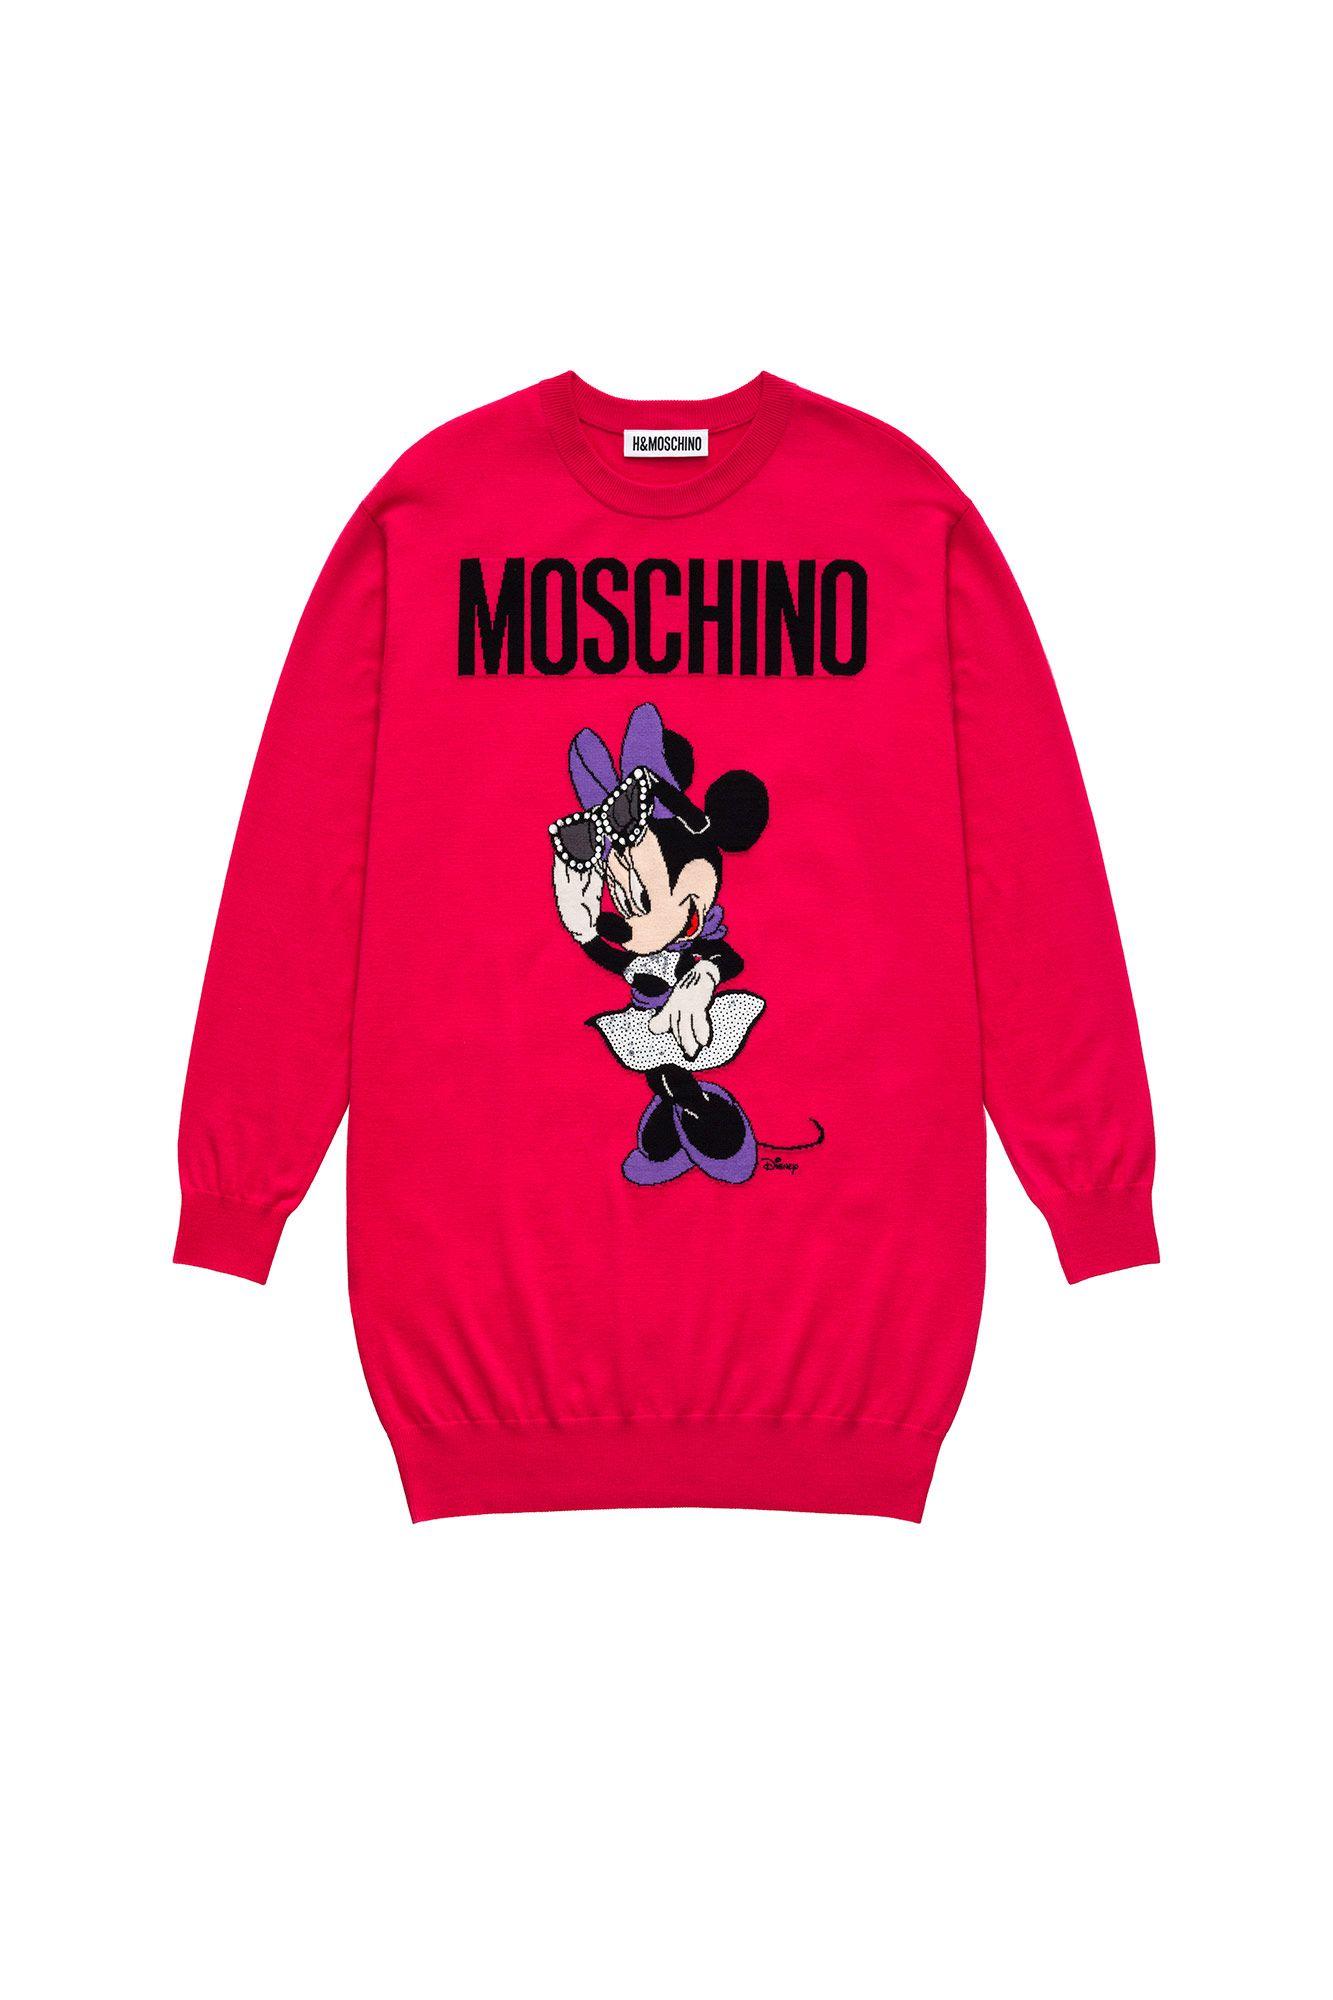 Moschino para H&M, colección Moschino para H&M, Moschino, H&M, hm, Moschino para hm, todas las prendas de Moschino para H&M, prendas Moschino H&M, shopping Moschino H&M